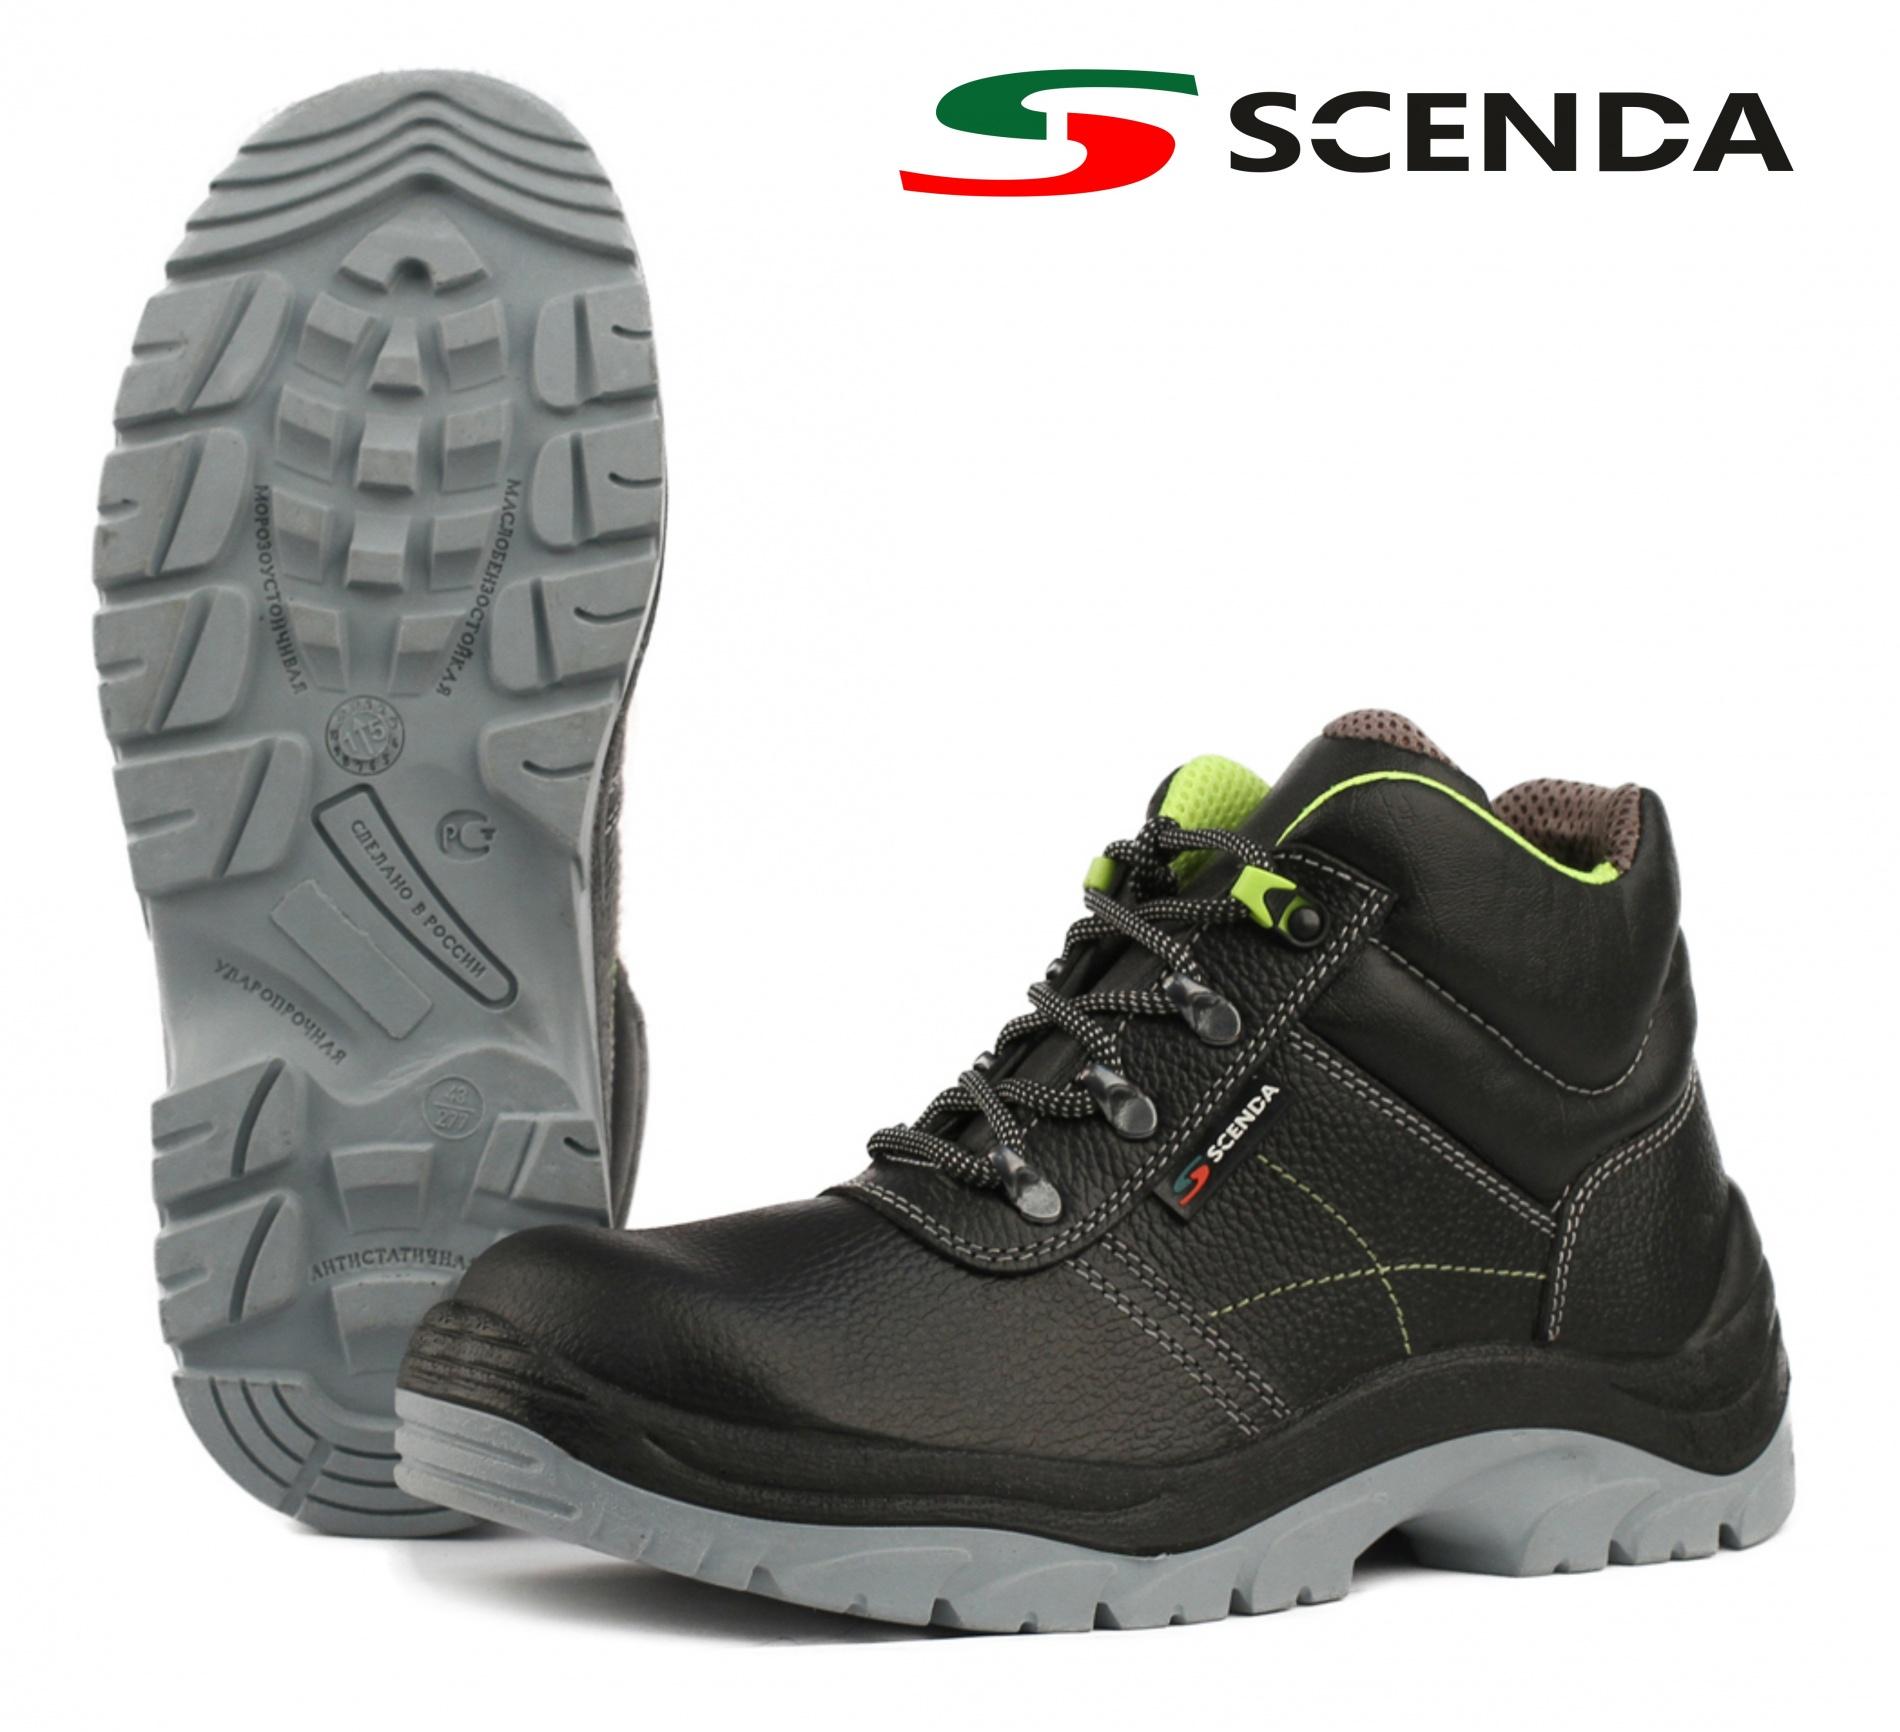 Ботинки кожаные НЕОН PU-TPU (43)Ботинки рабочие<br><br><br>Пол: мужской<br>Размер: 43<br>Сезон: лето<br>Цвет: черный